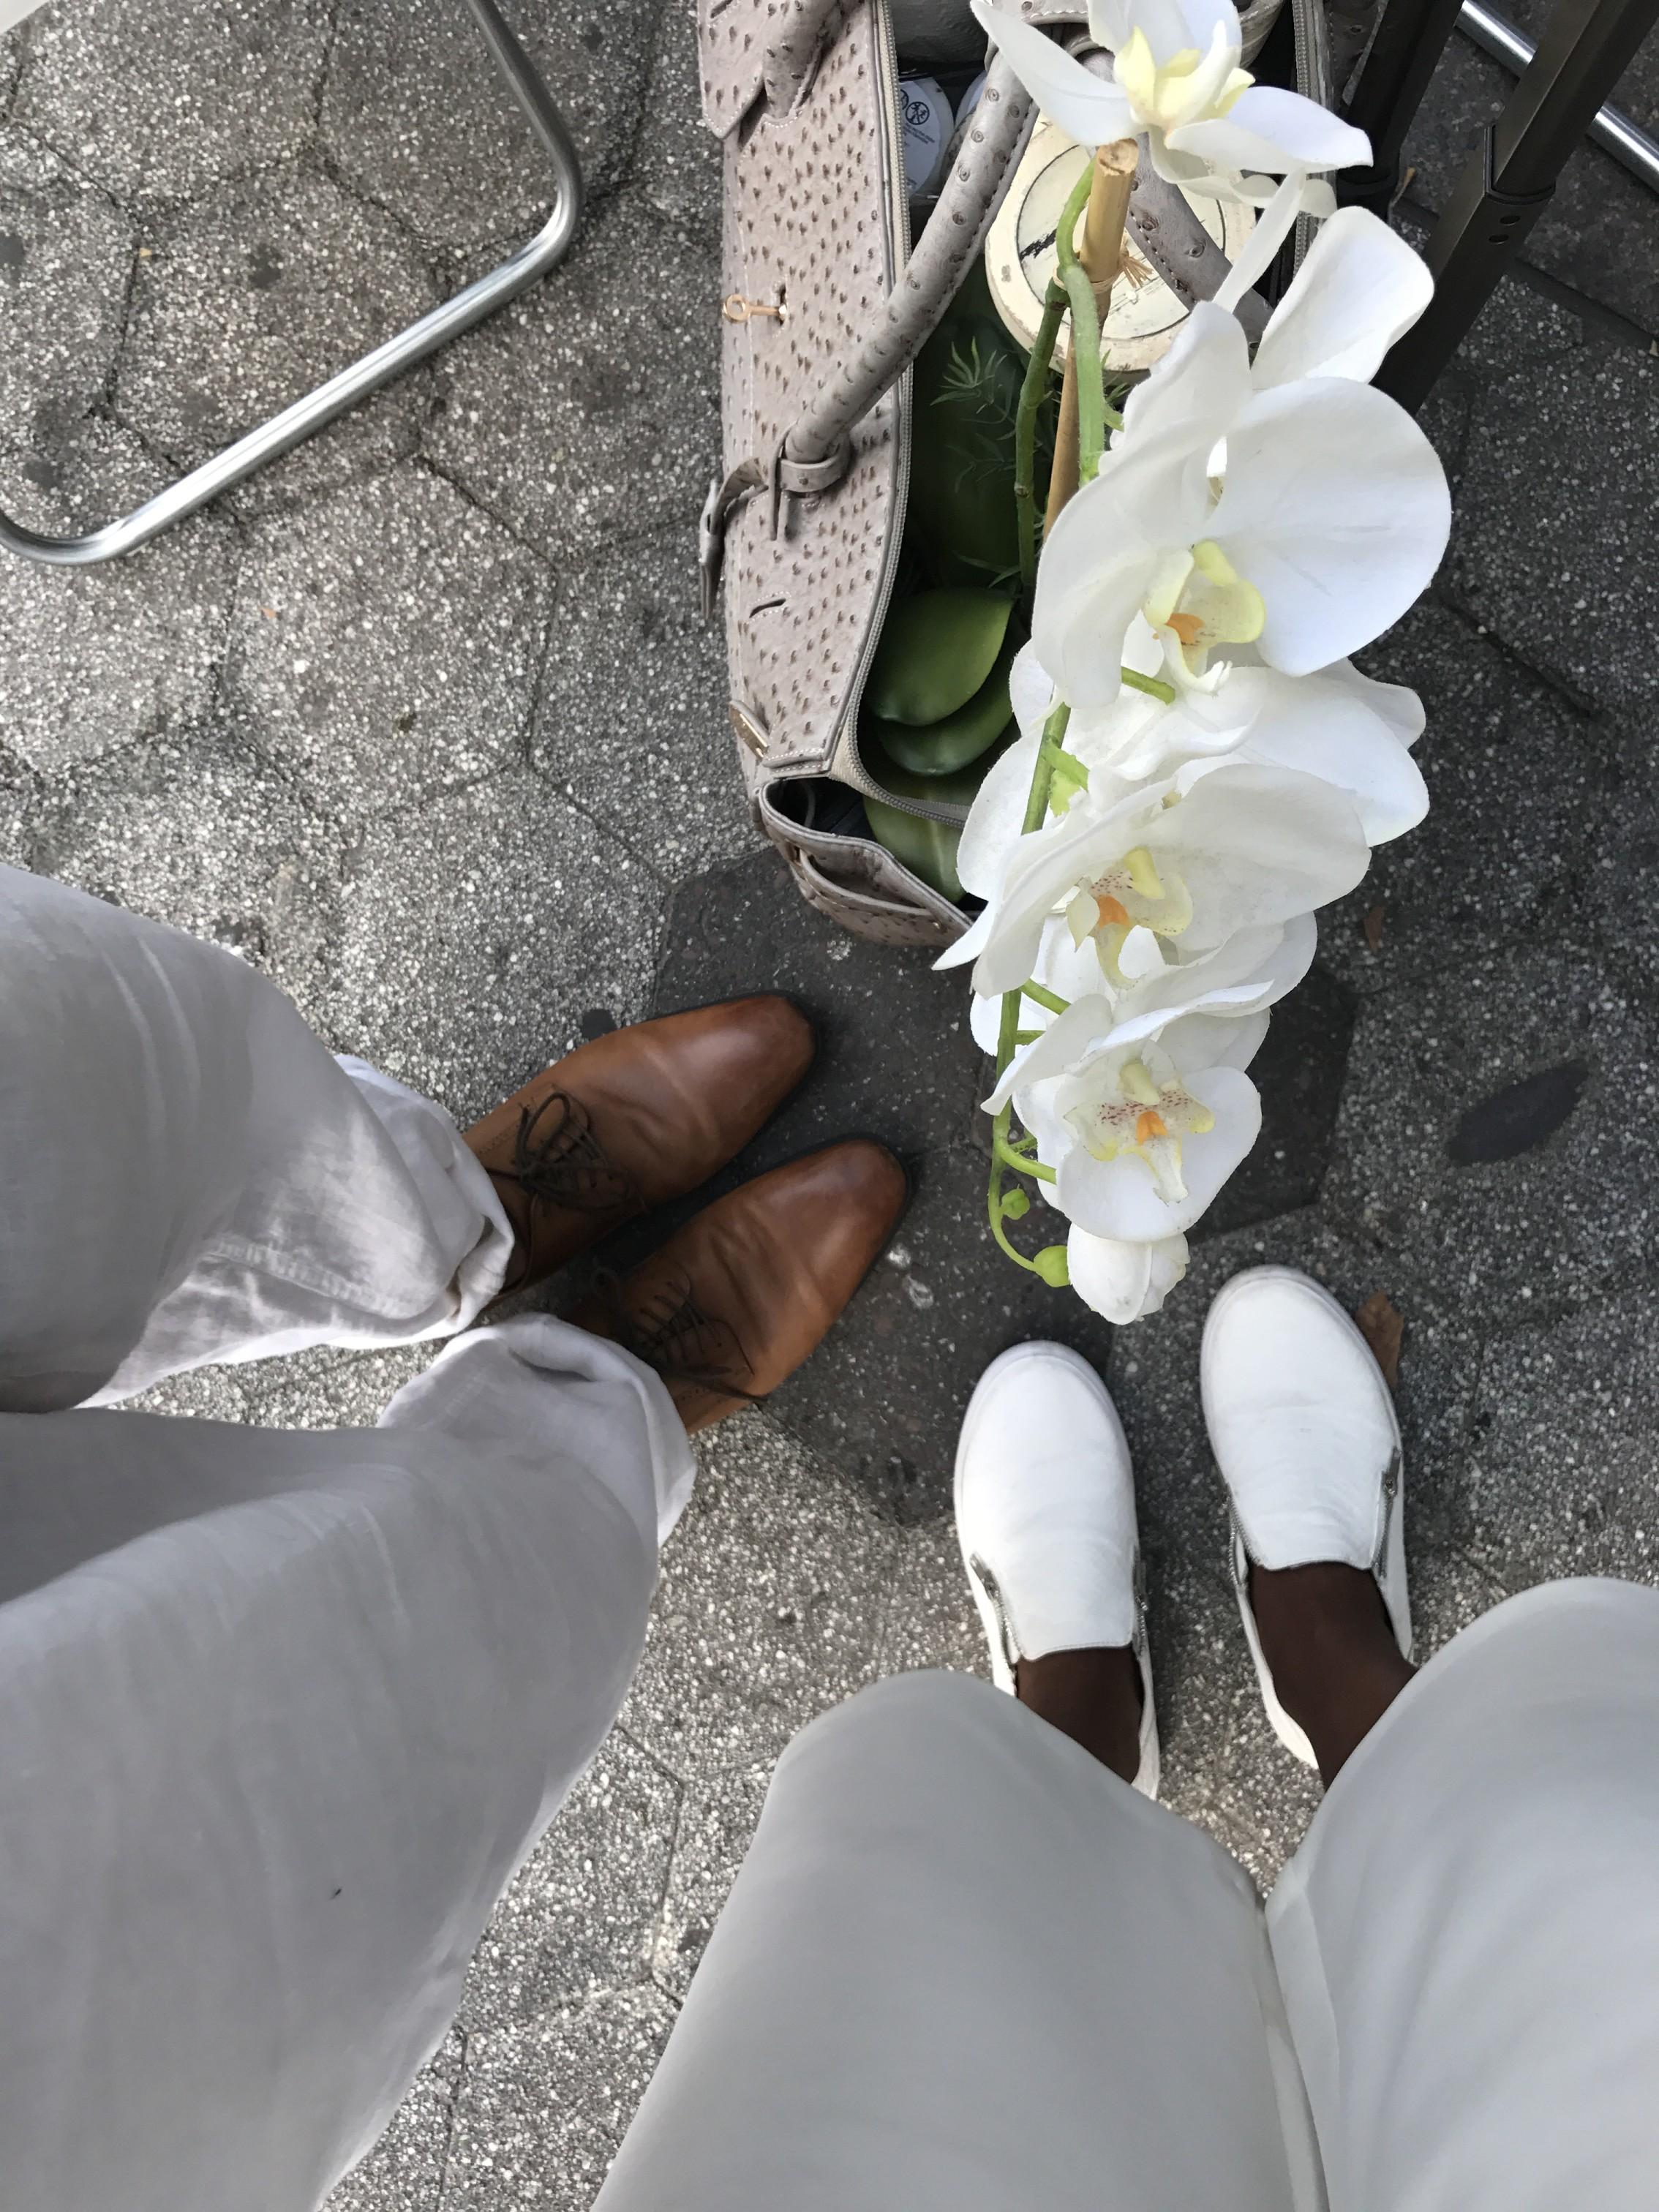 Footwear matters...